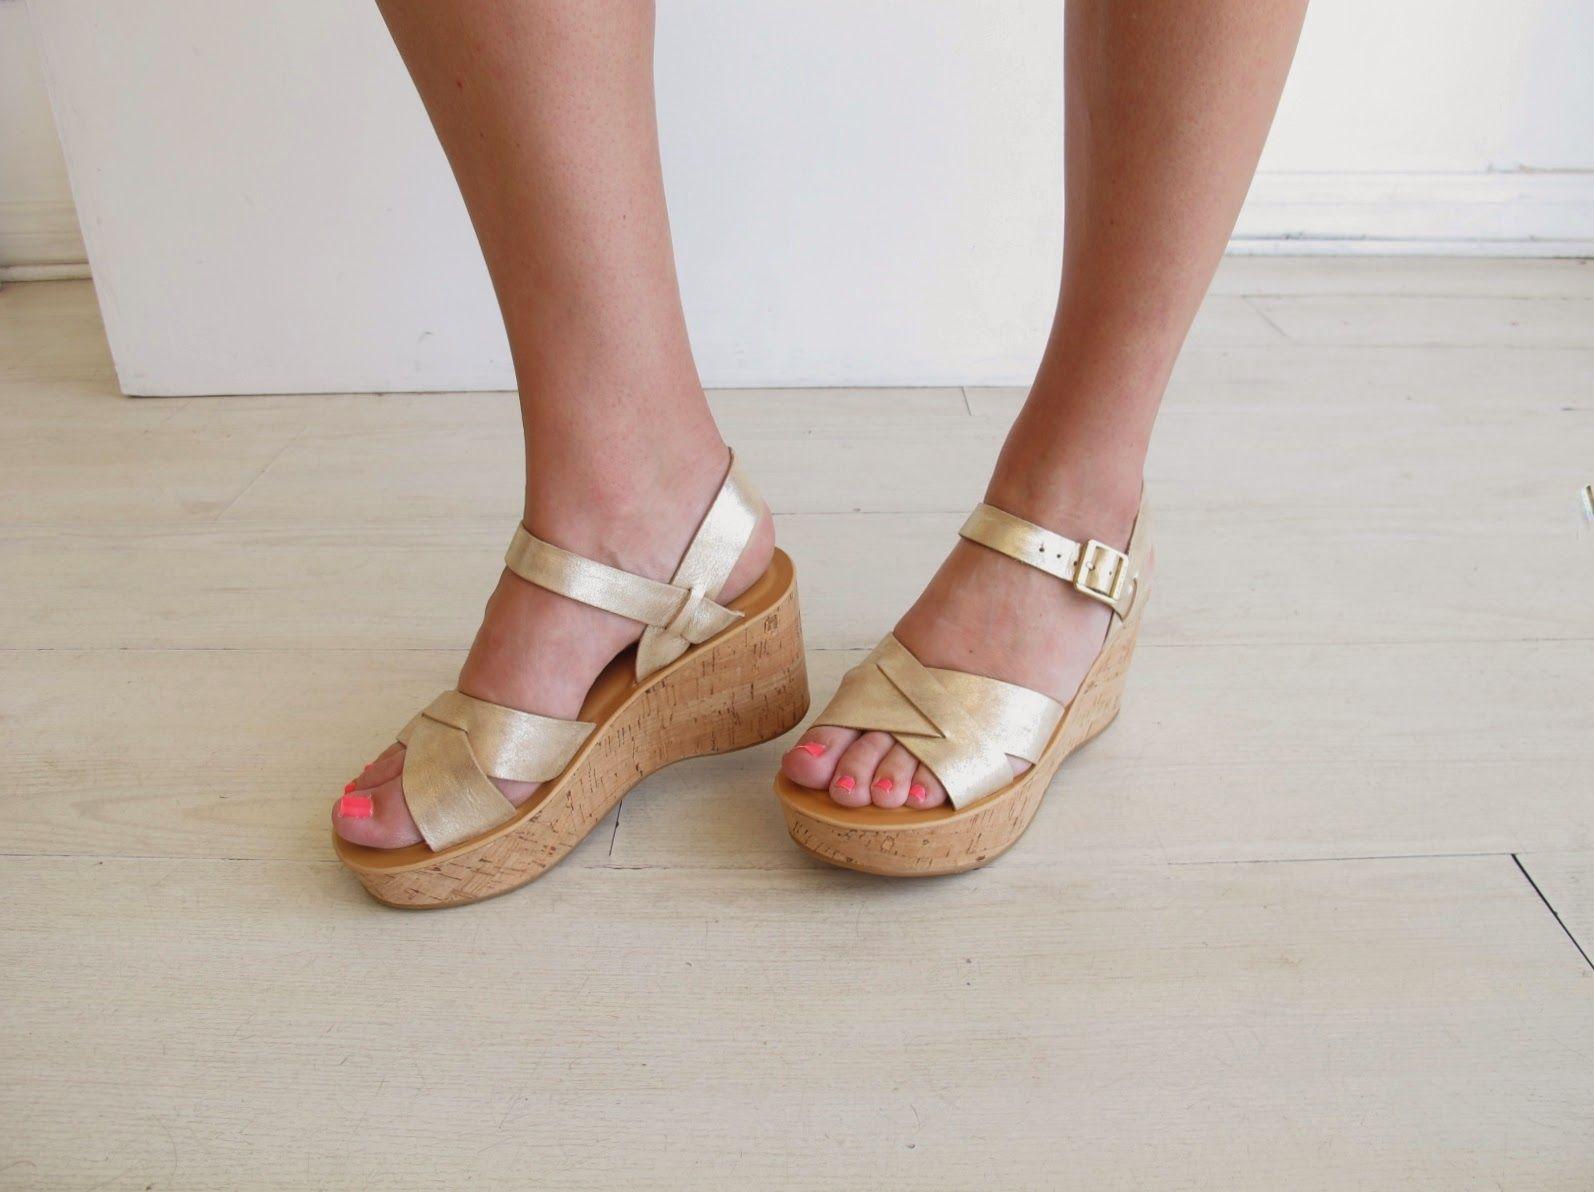 vamp shoes: Kork Ease Ava